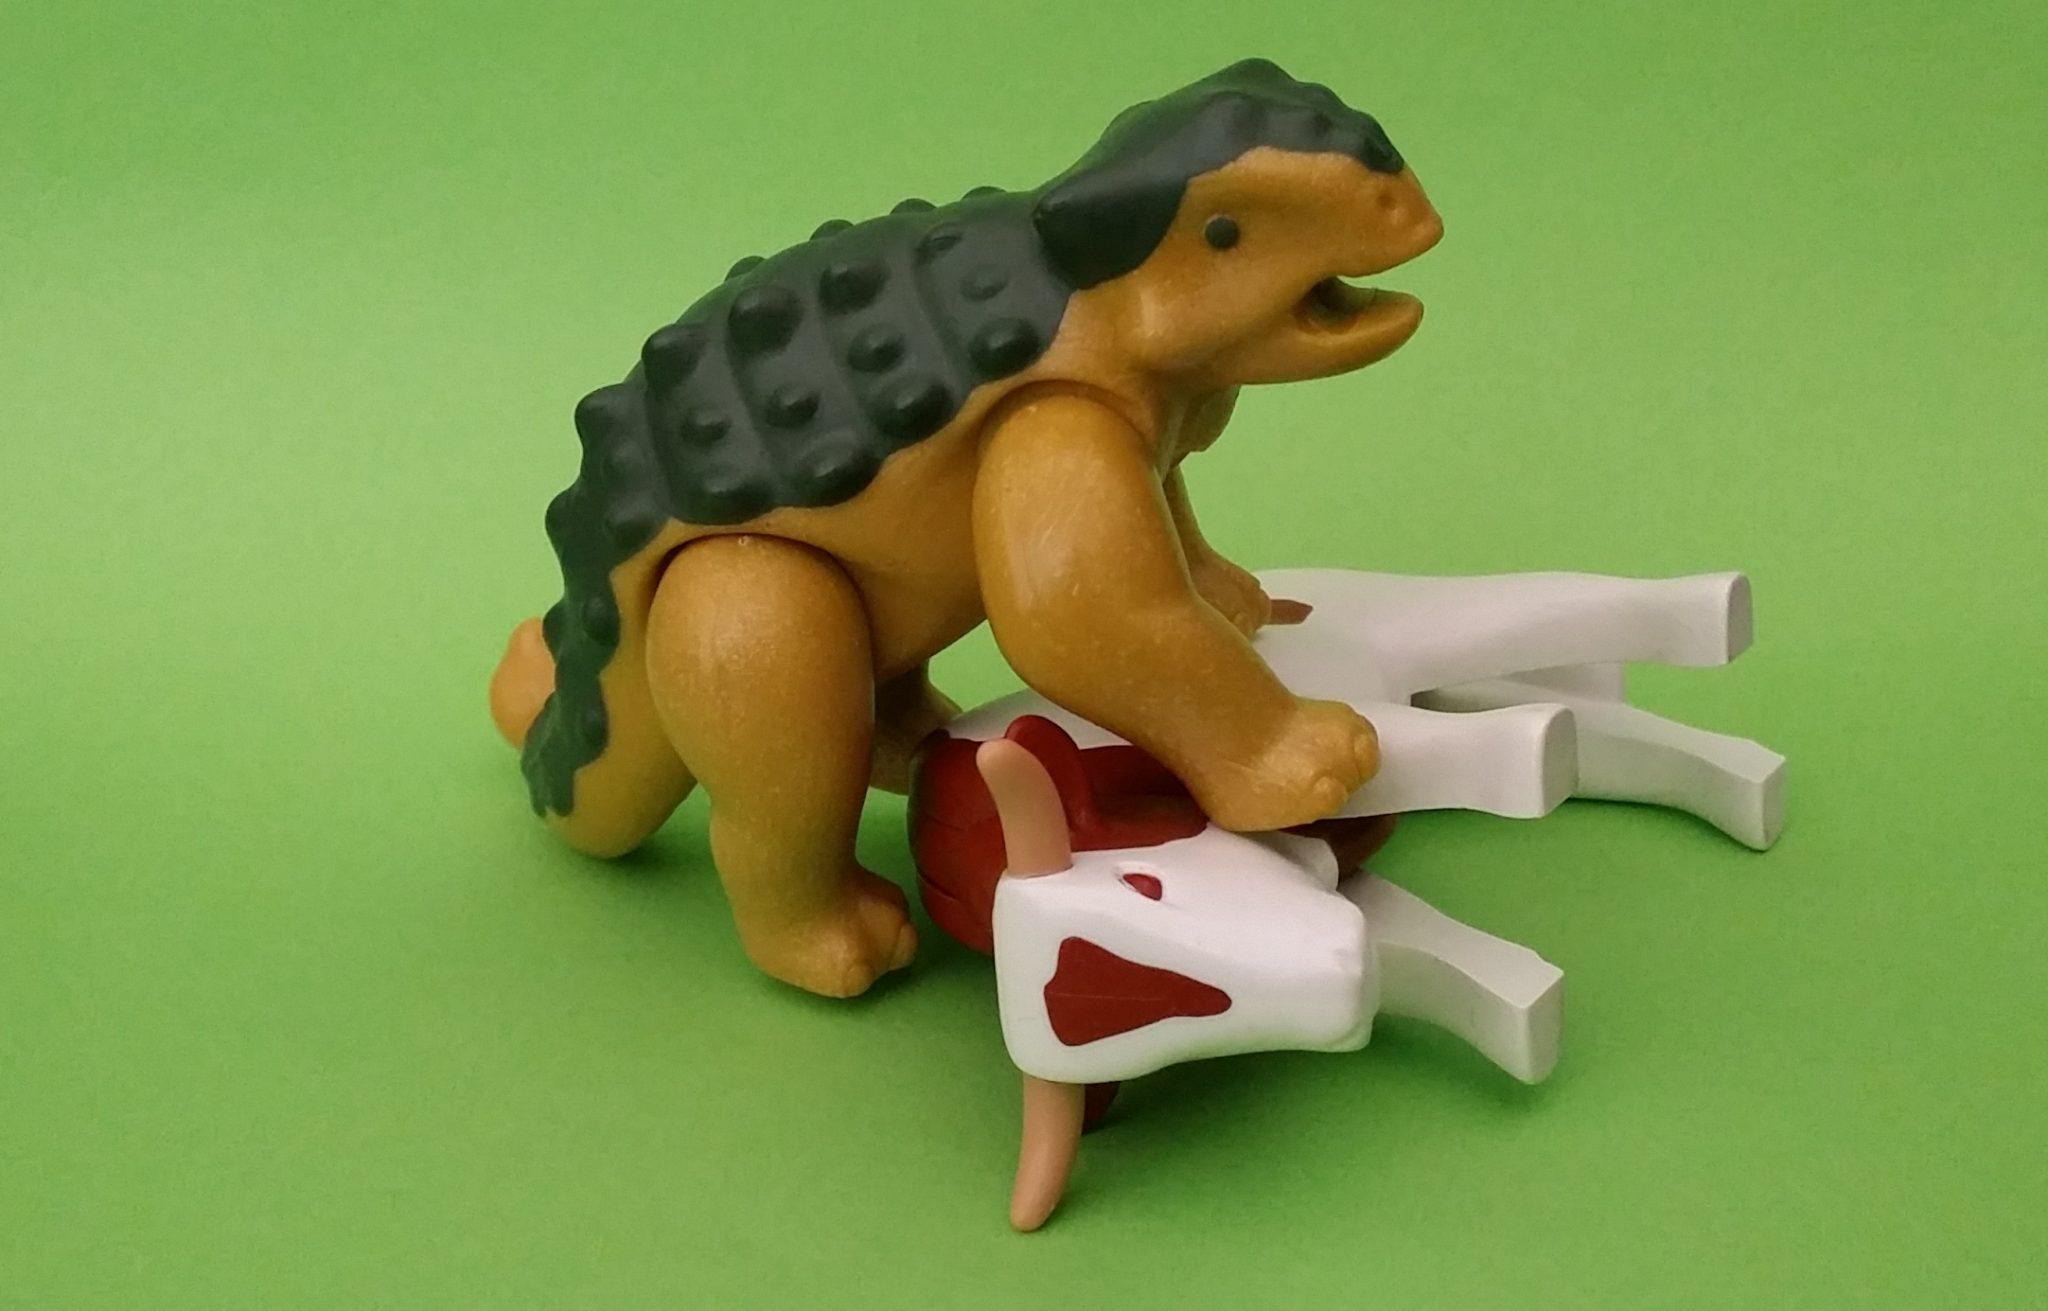 Plastikdinosaurier hat eine Plastikkuh besiegt. © Roland Gramling / WWF Deutschland